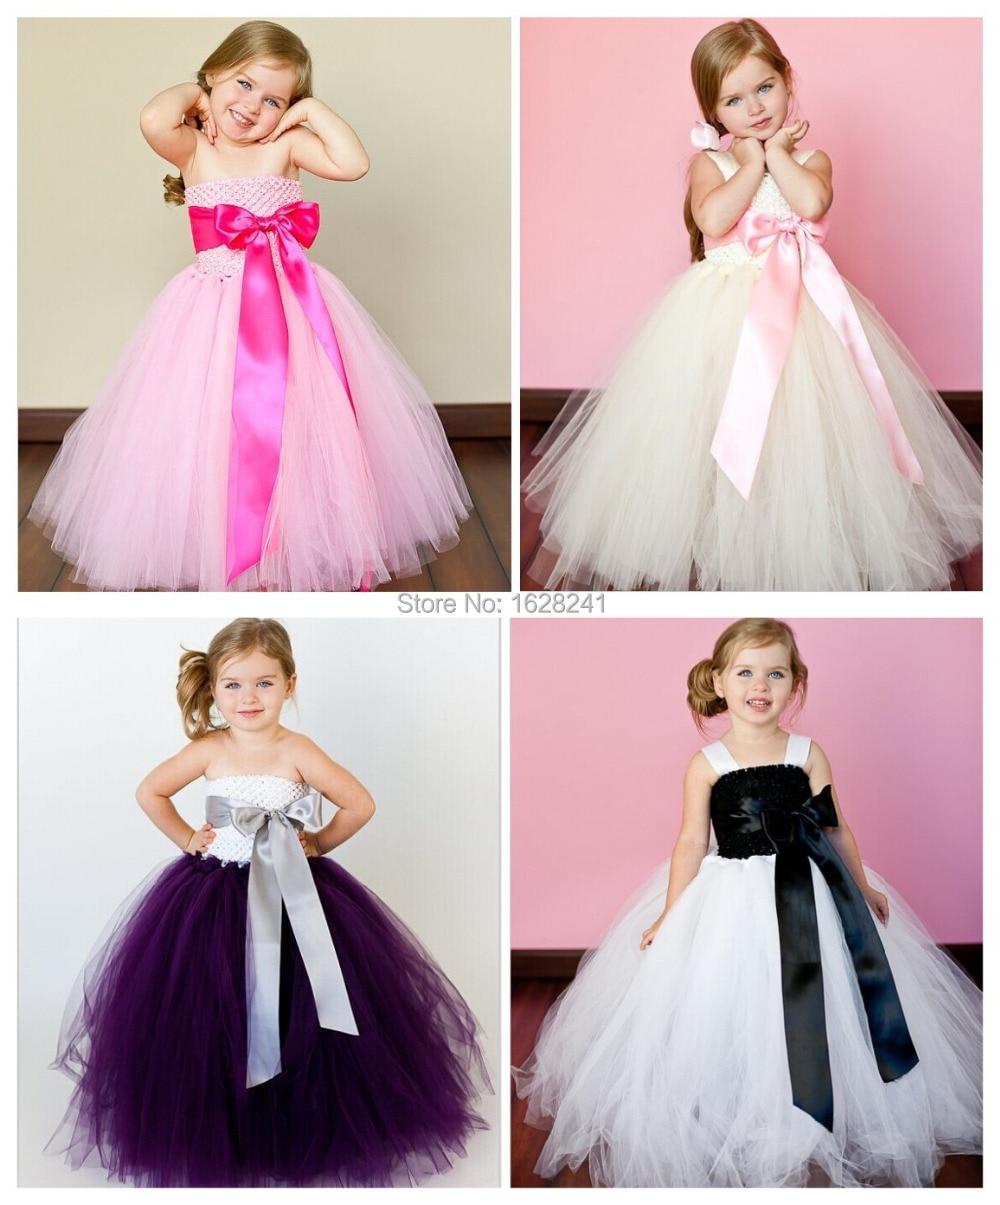 Blanco marfil rosado 3 colores vestidos niña para bebés de la boda ...